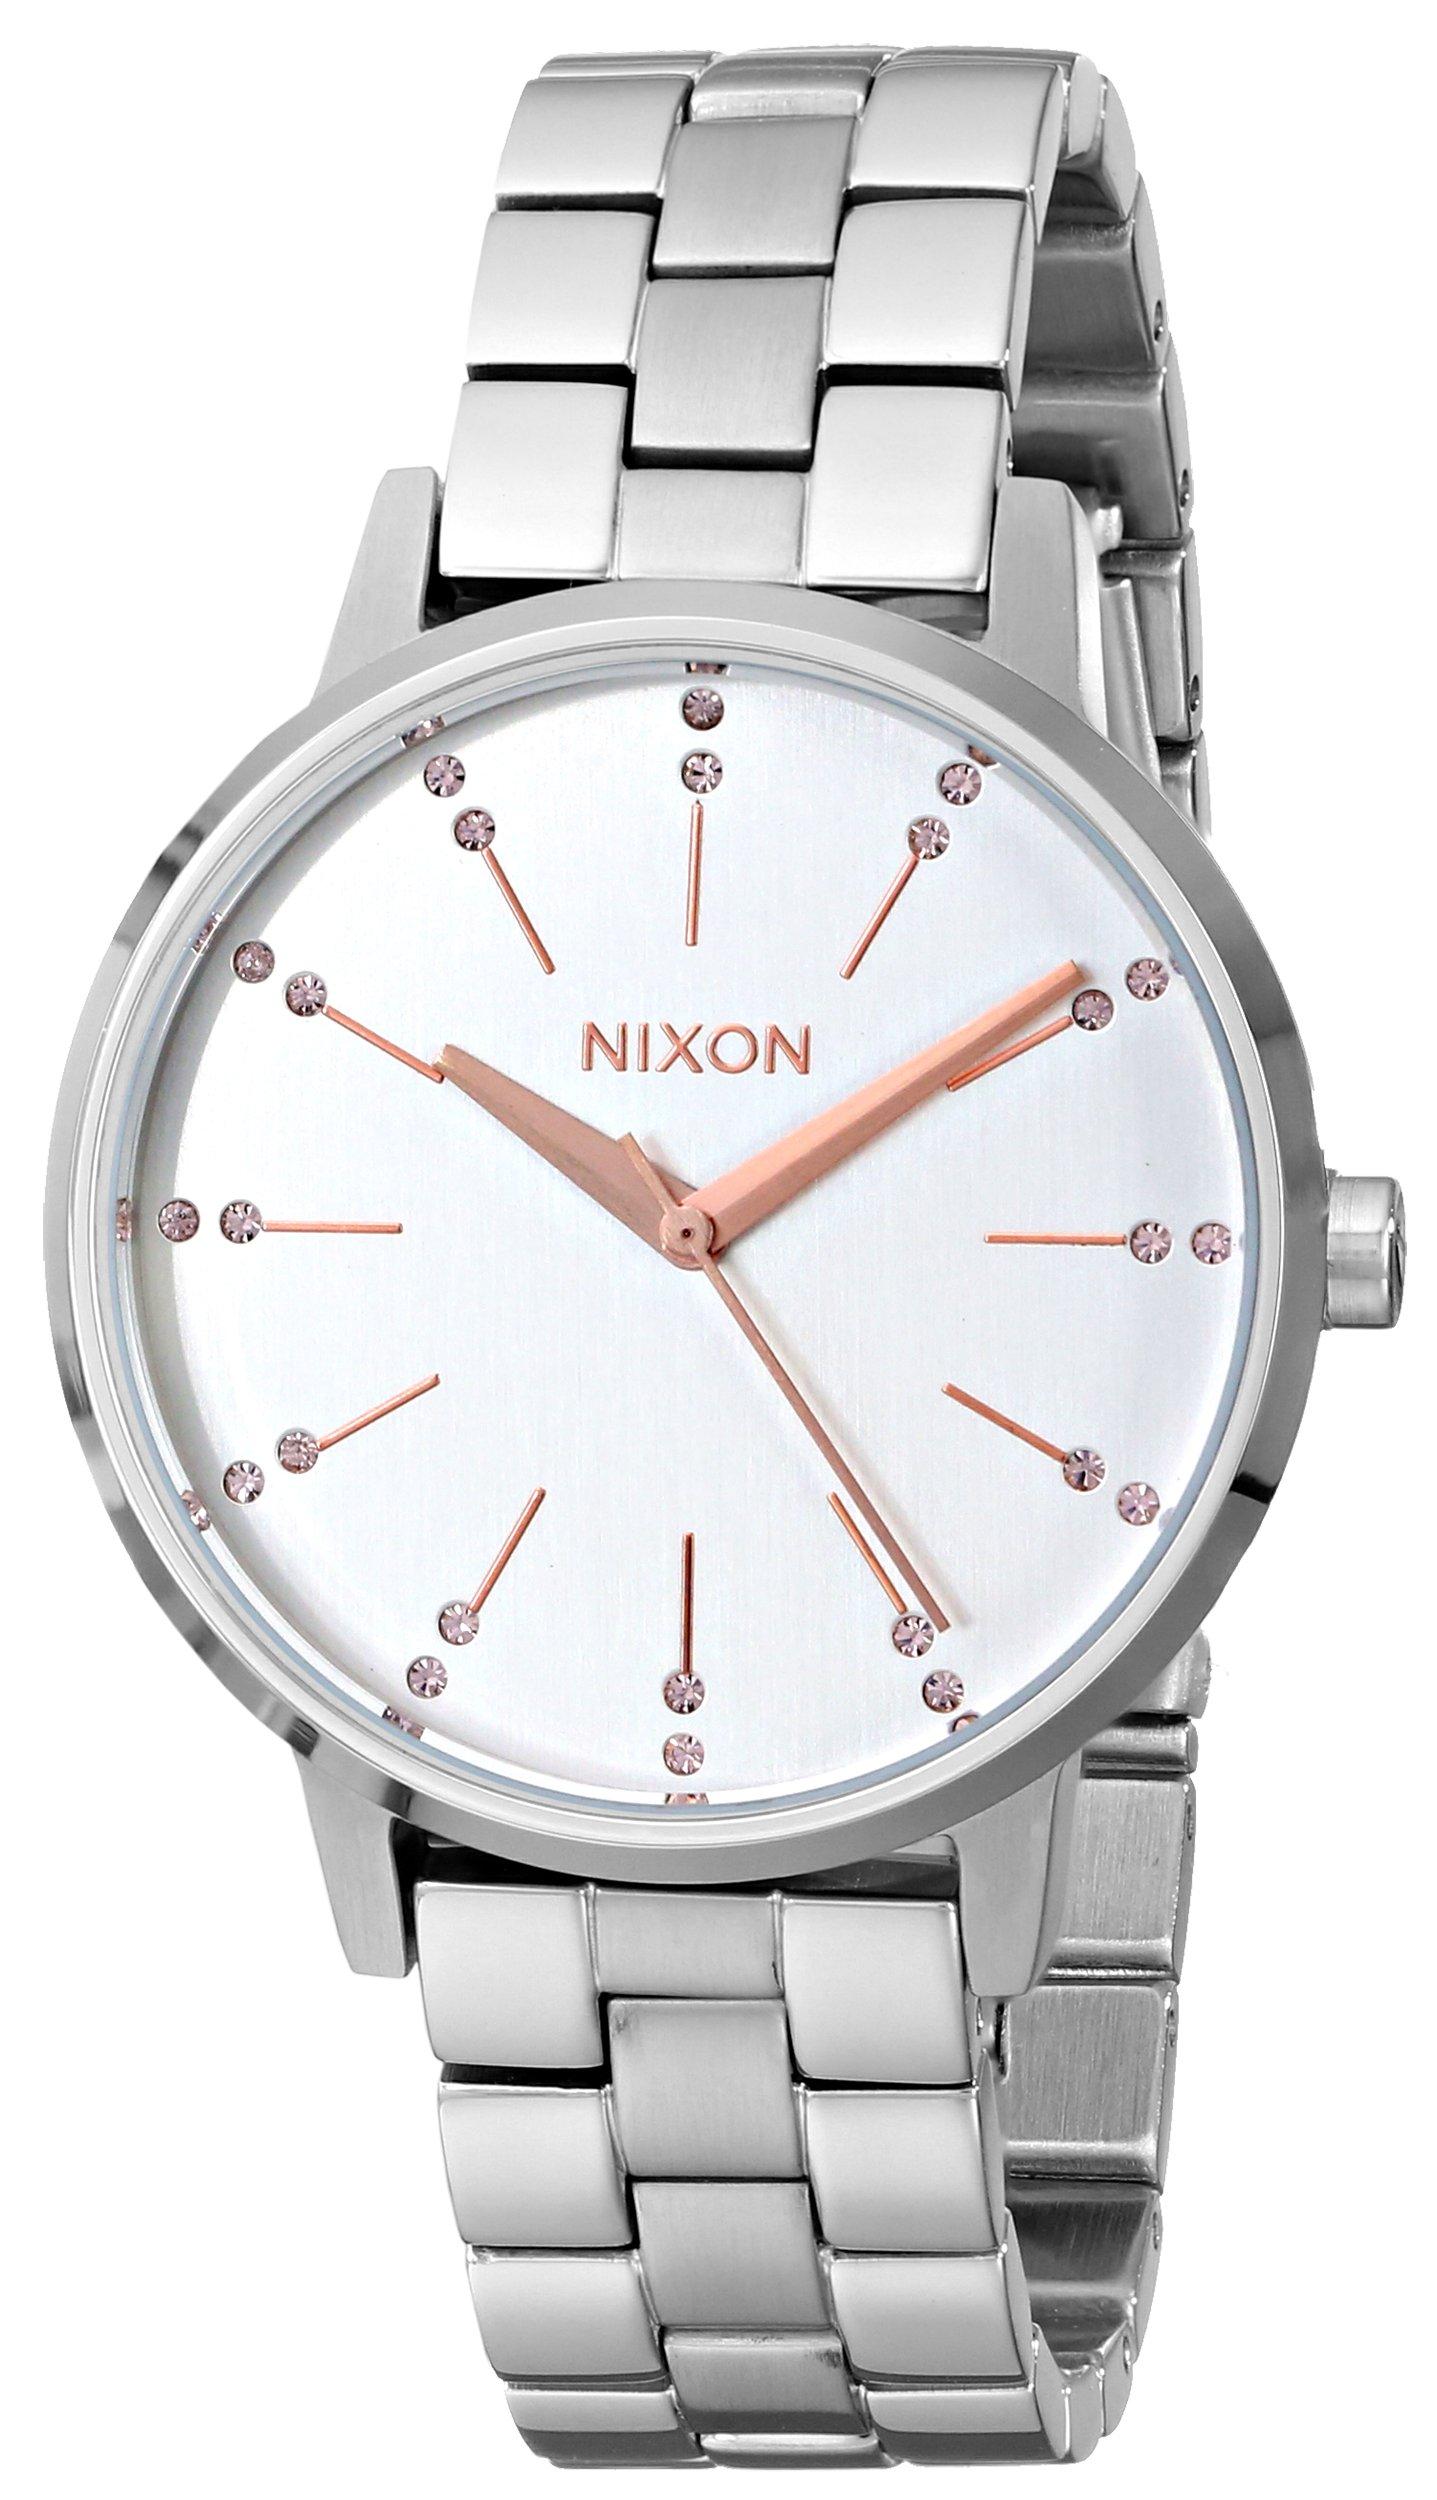 Nixon Women's A0991519 Kensington Watch by NIXON